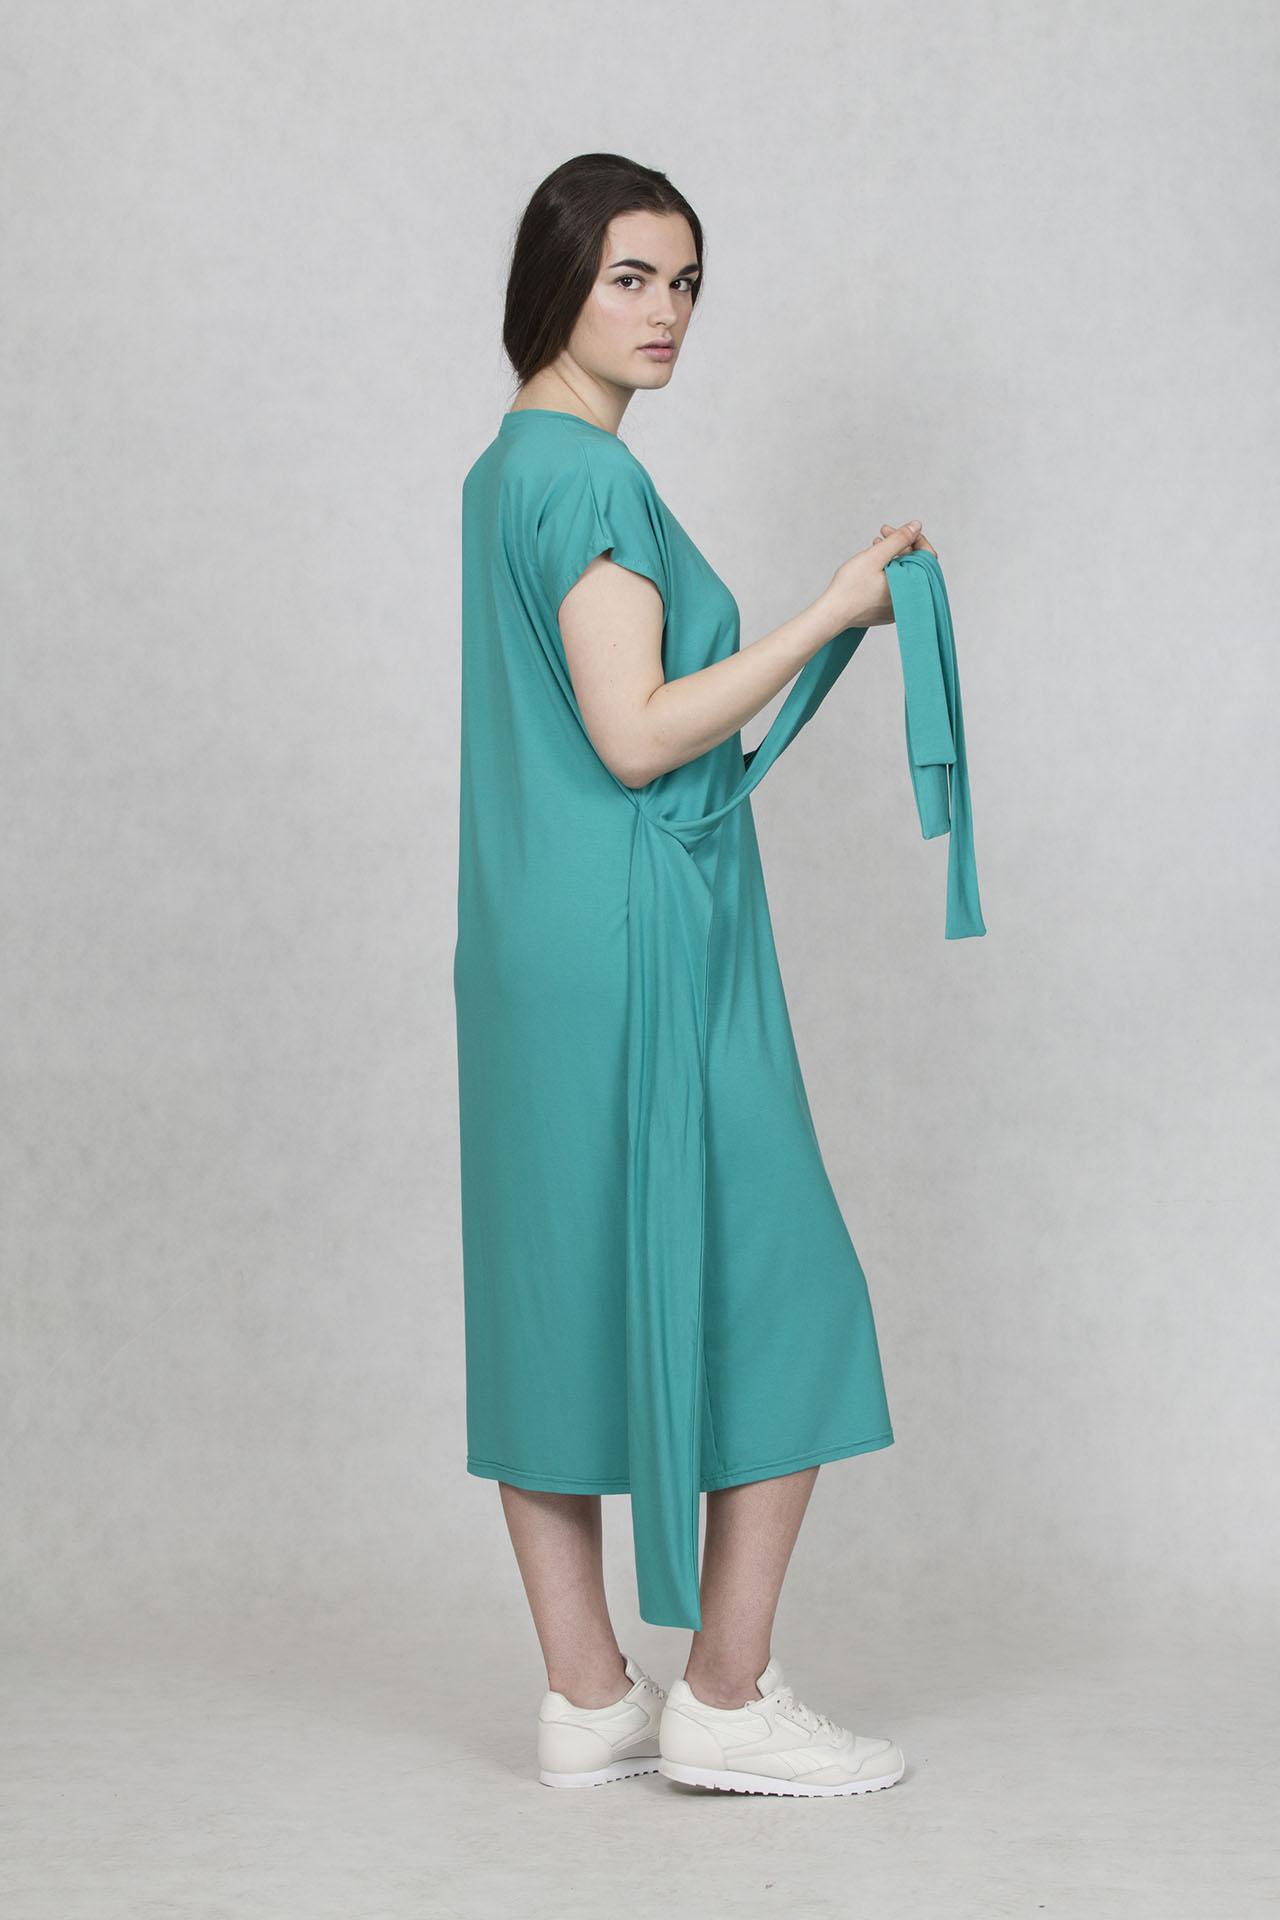 fd5b9f7fc685 Šaty na jaro s krátkým rukávem a vázáním Oneday v zelené